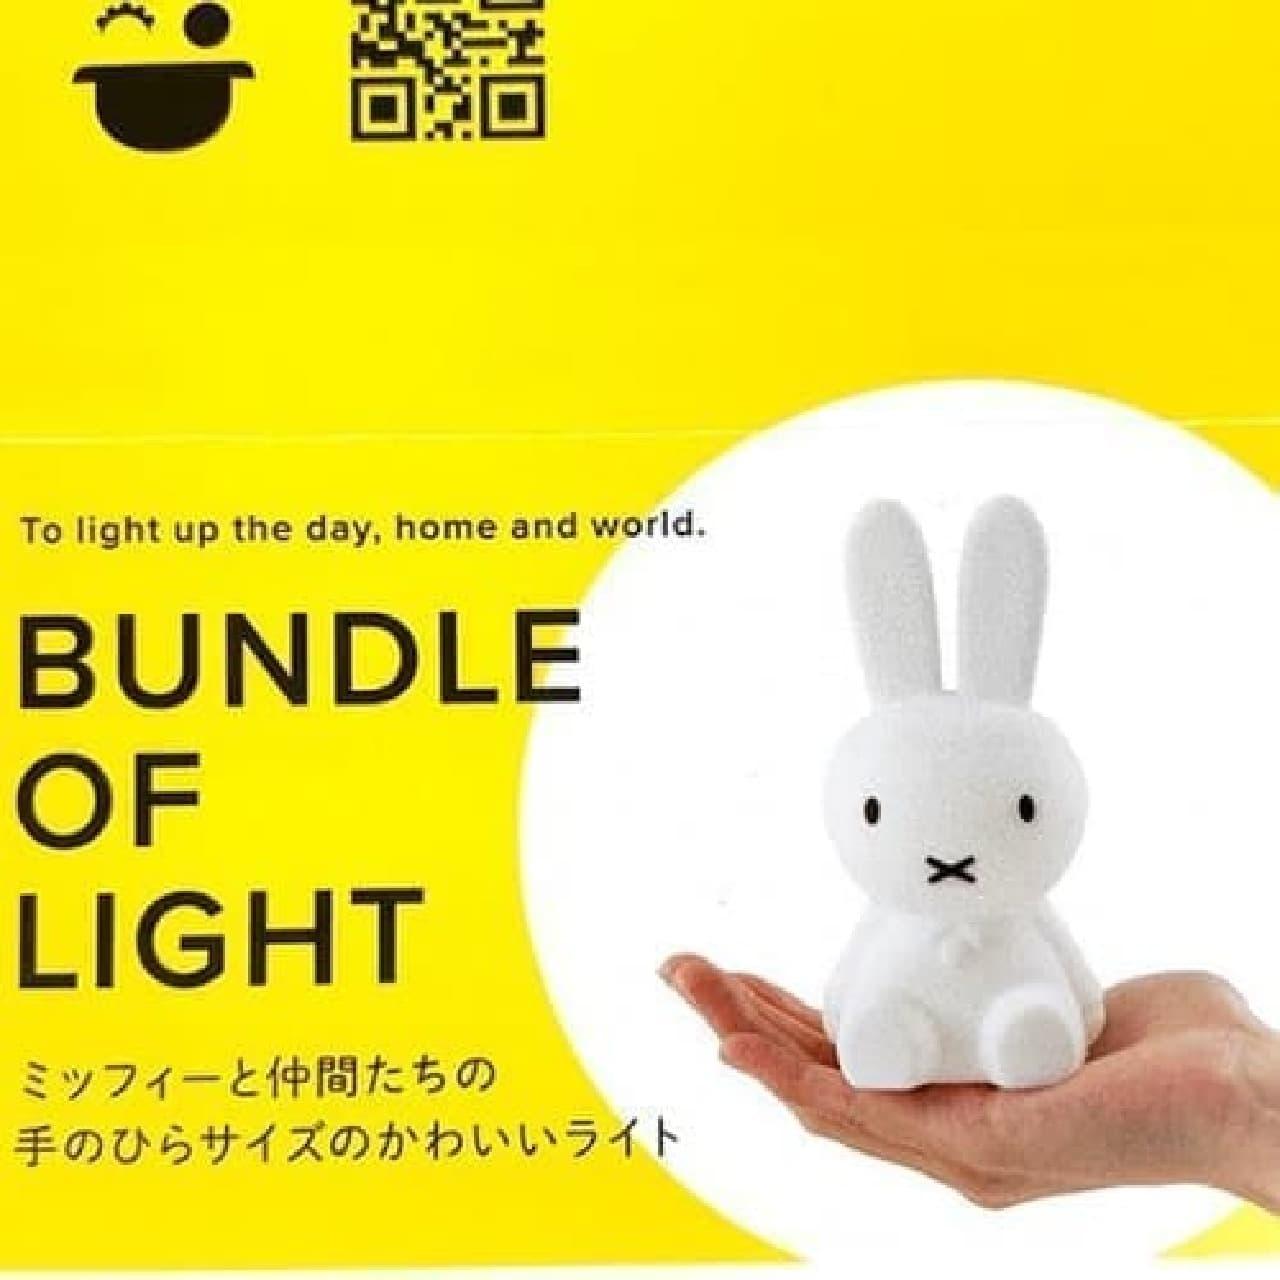 ギフトにも♪ ミッフィーの可愛いインテリアライト -- 部屋を優しく照らす手のひらサイズ